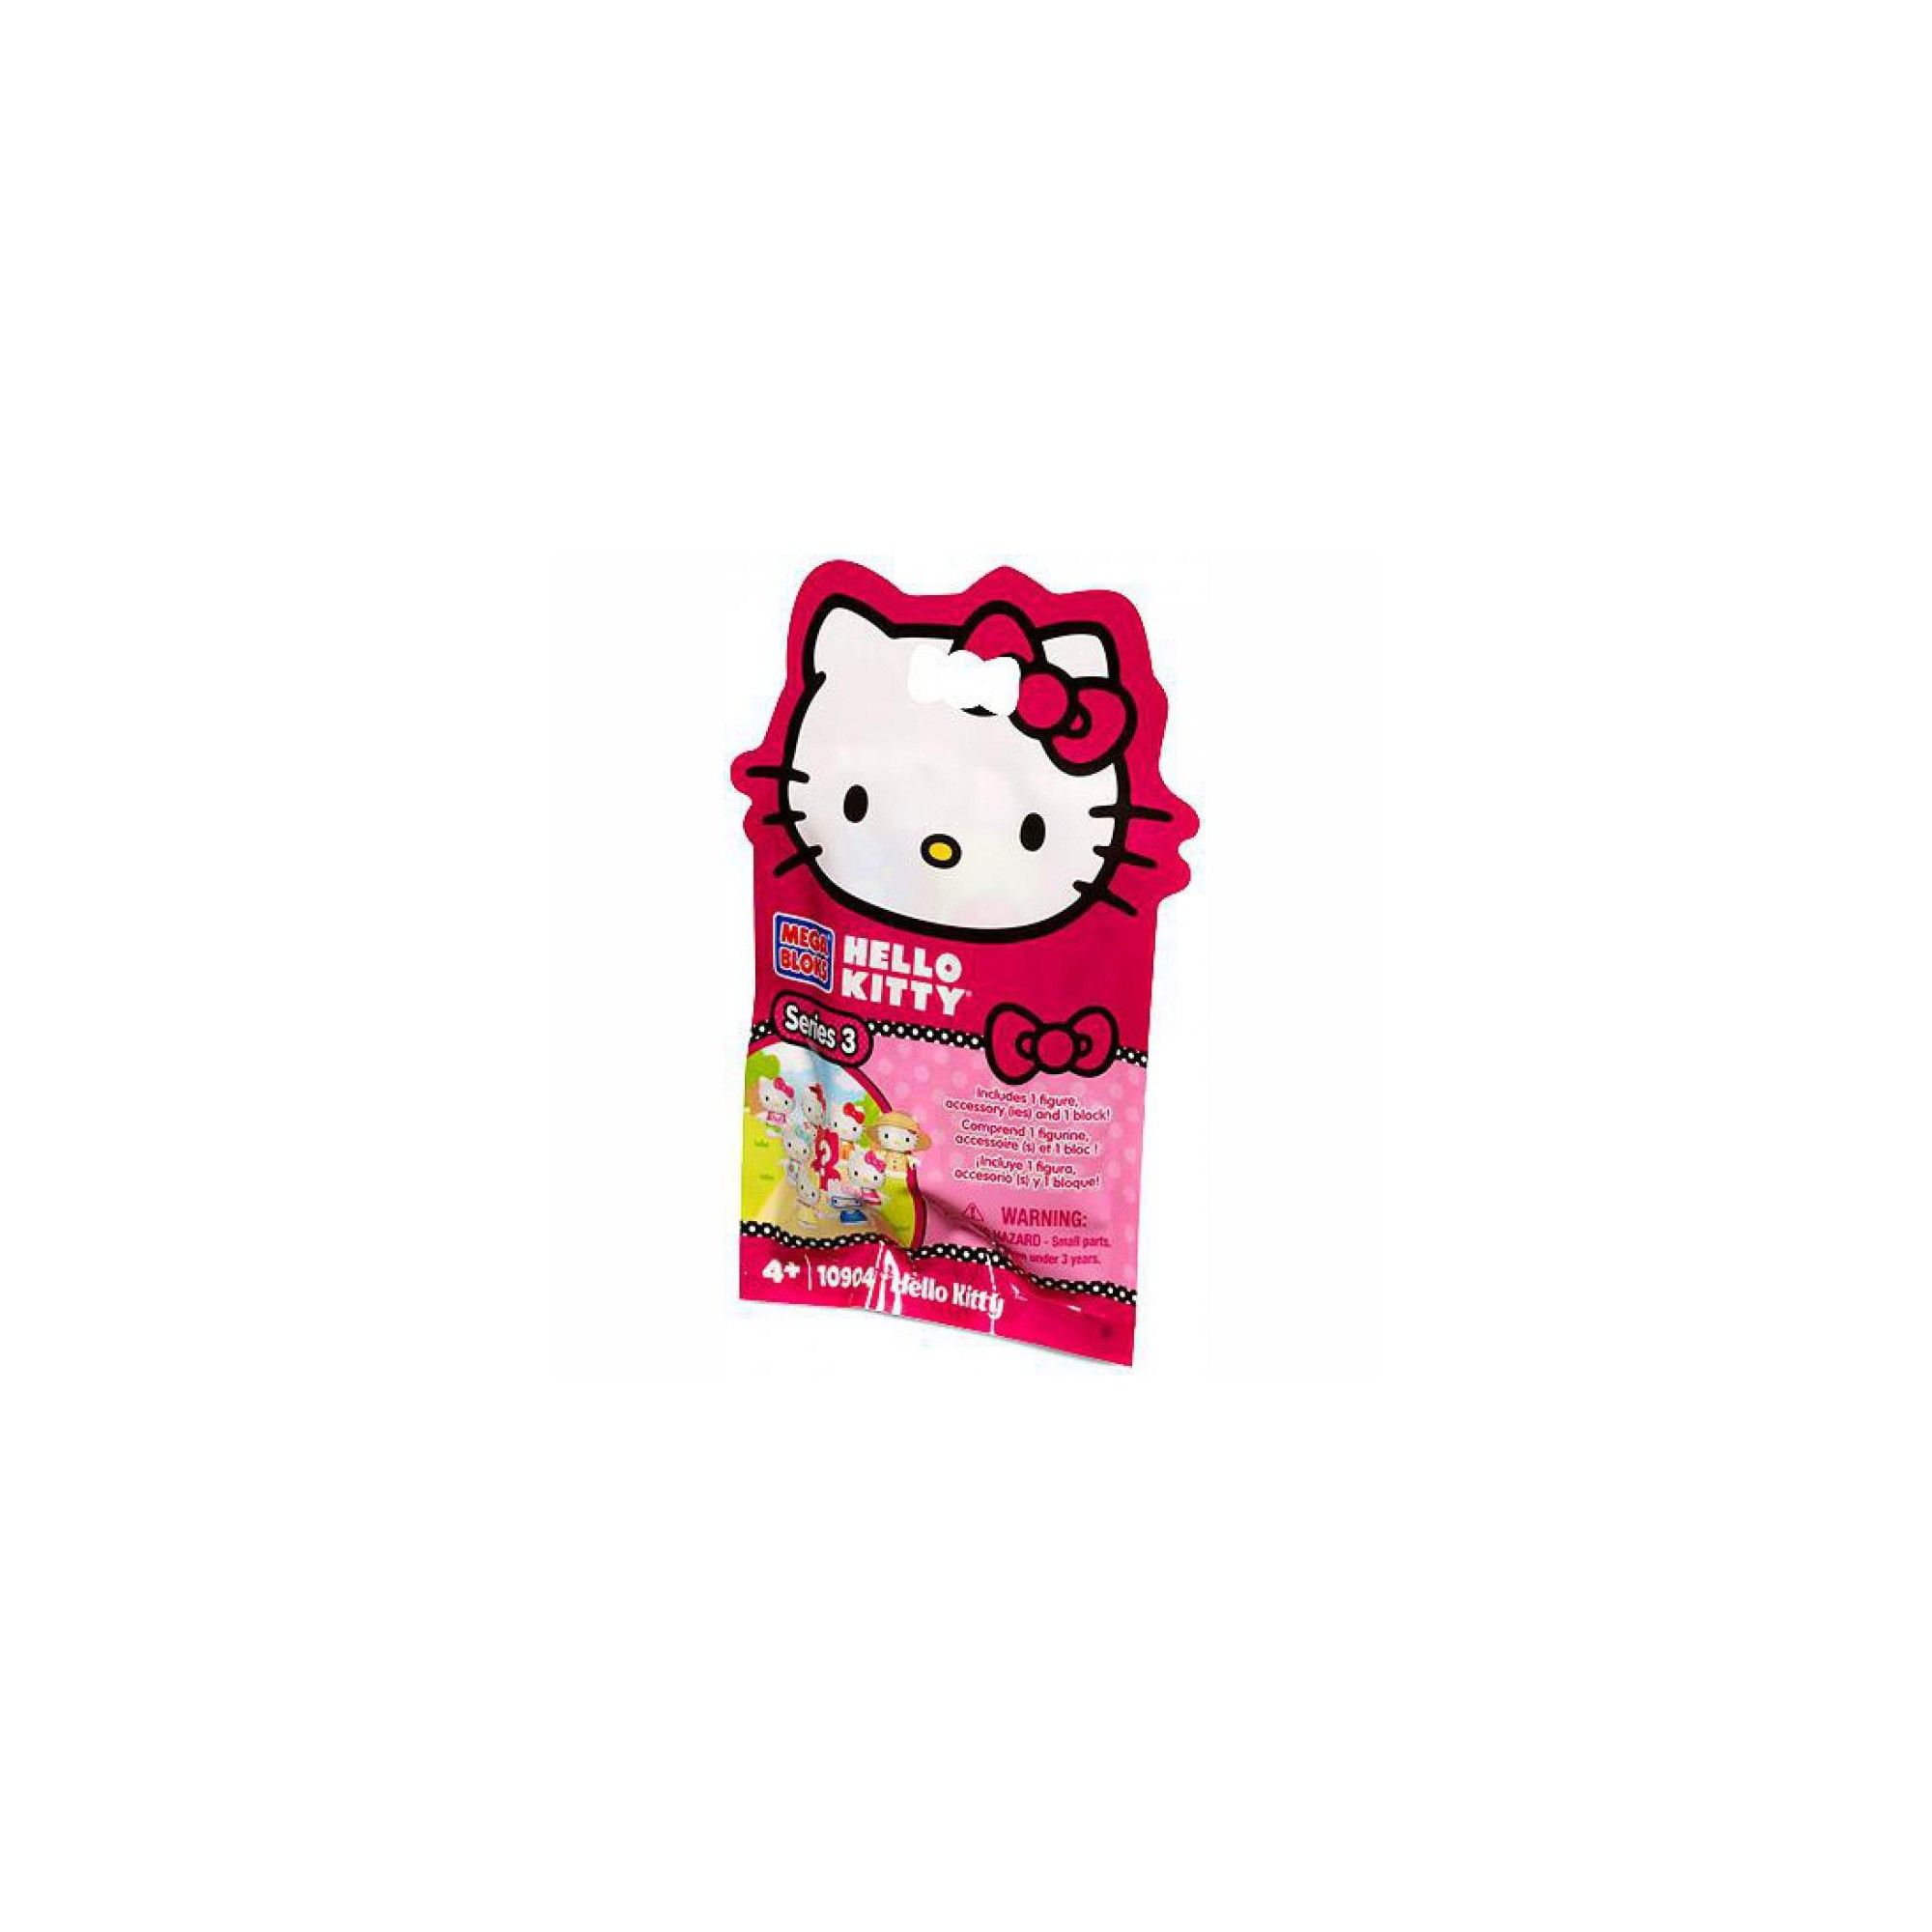 Mega Bloks Hello Kitty Series 3 Figure Mega Blocks 10904